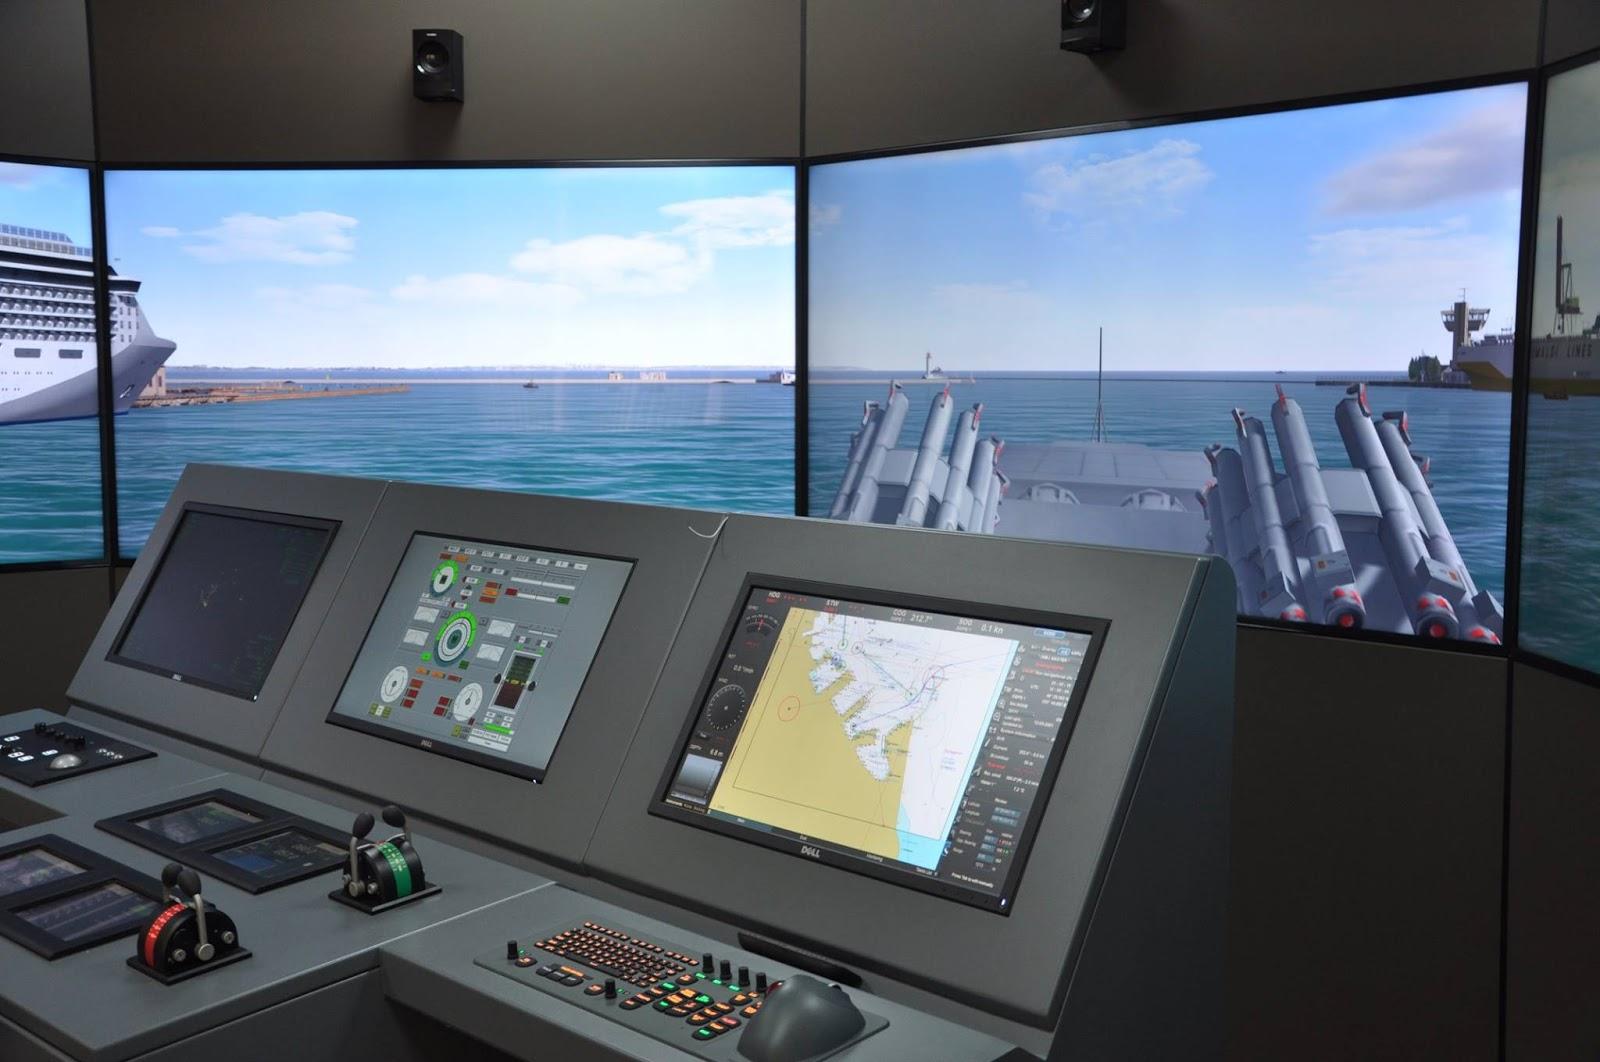 на фото сучасний навігаційний тренажер, який повністю імітує ходовий місток судна